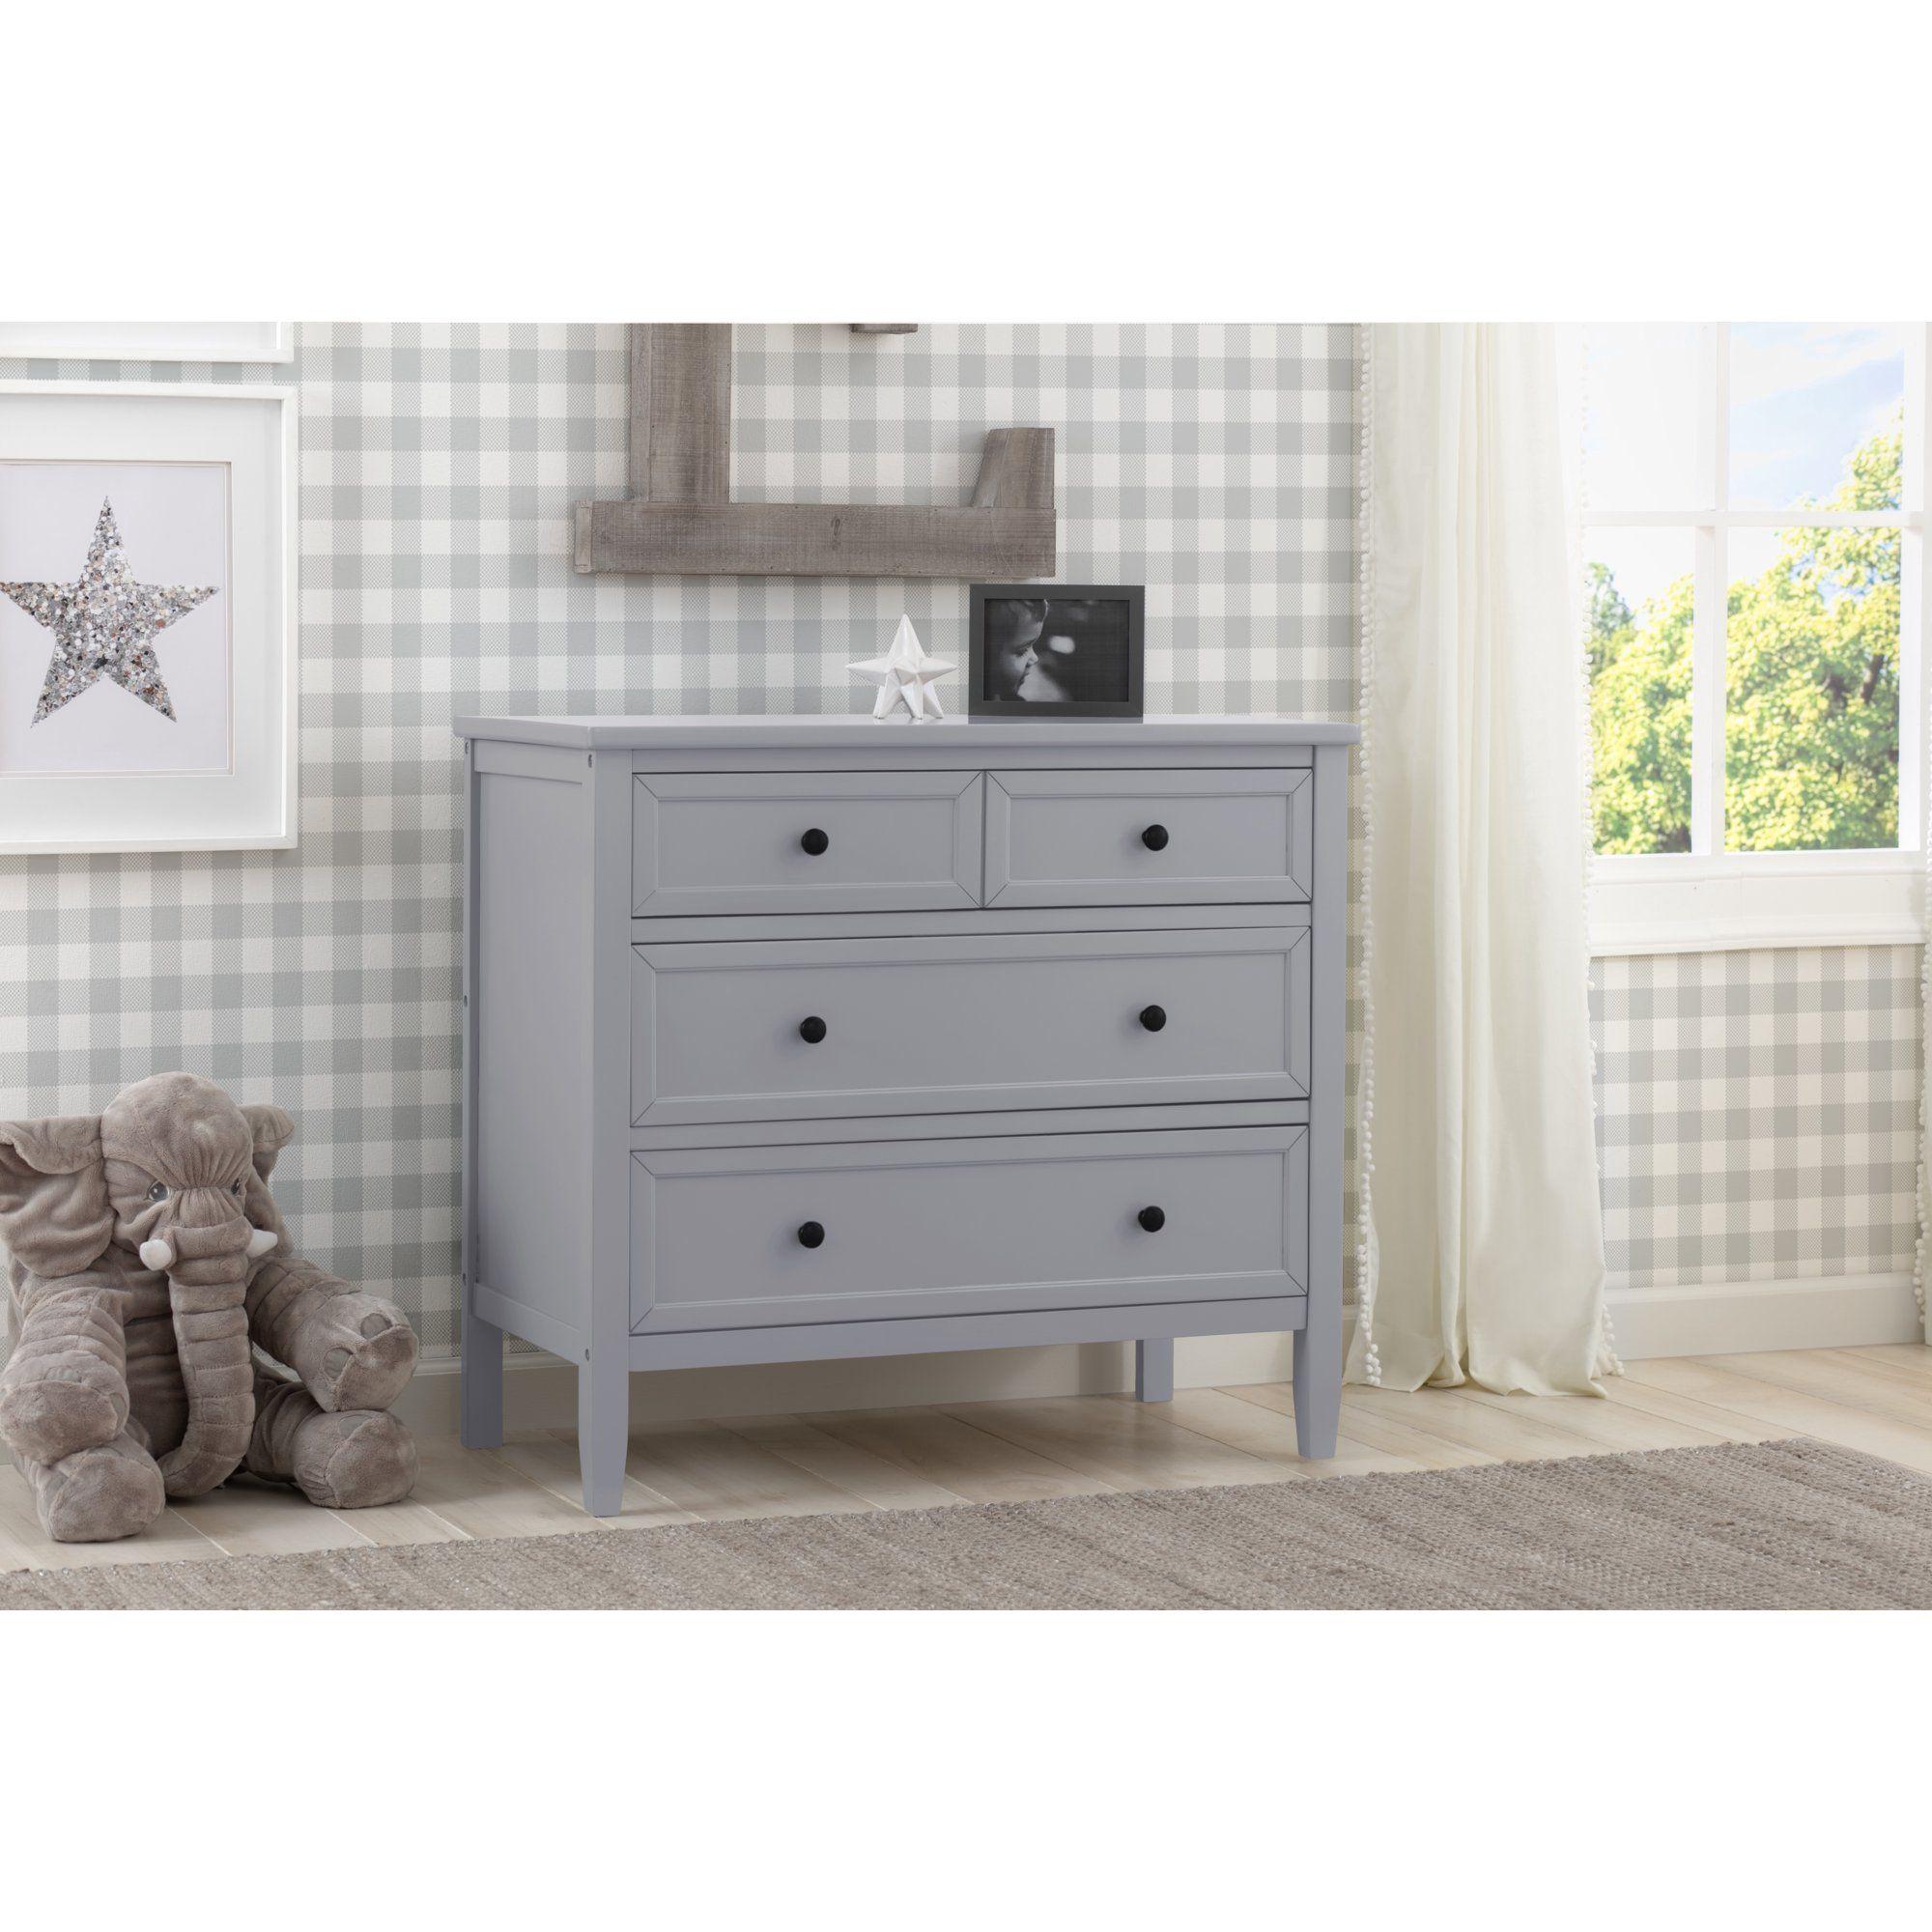 Delta Children Epic 3 Drawer Dresser Gray Walmart Com In 2021 Dresser Drawers 3 Drawer Dresser Childrens Dresser [ 2000 x 2000 Pixel ]